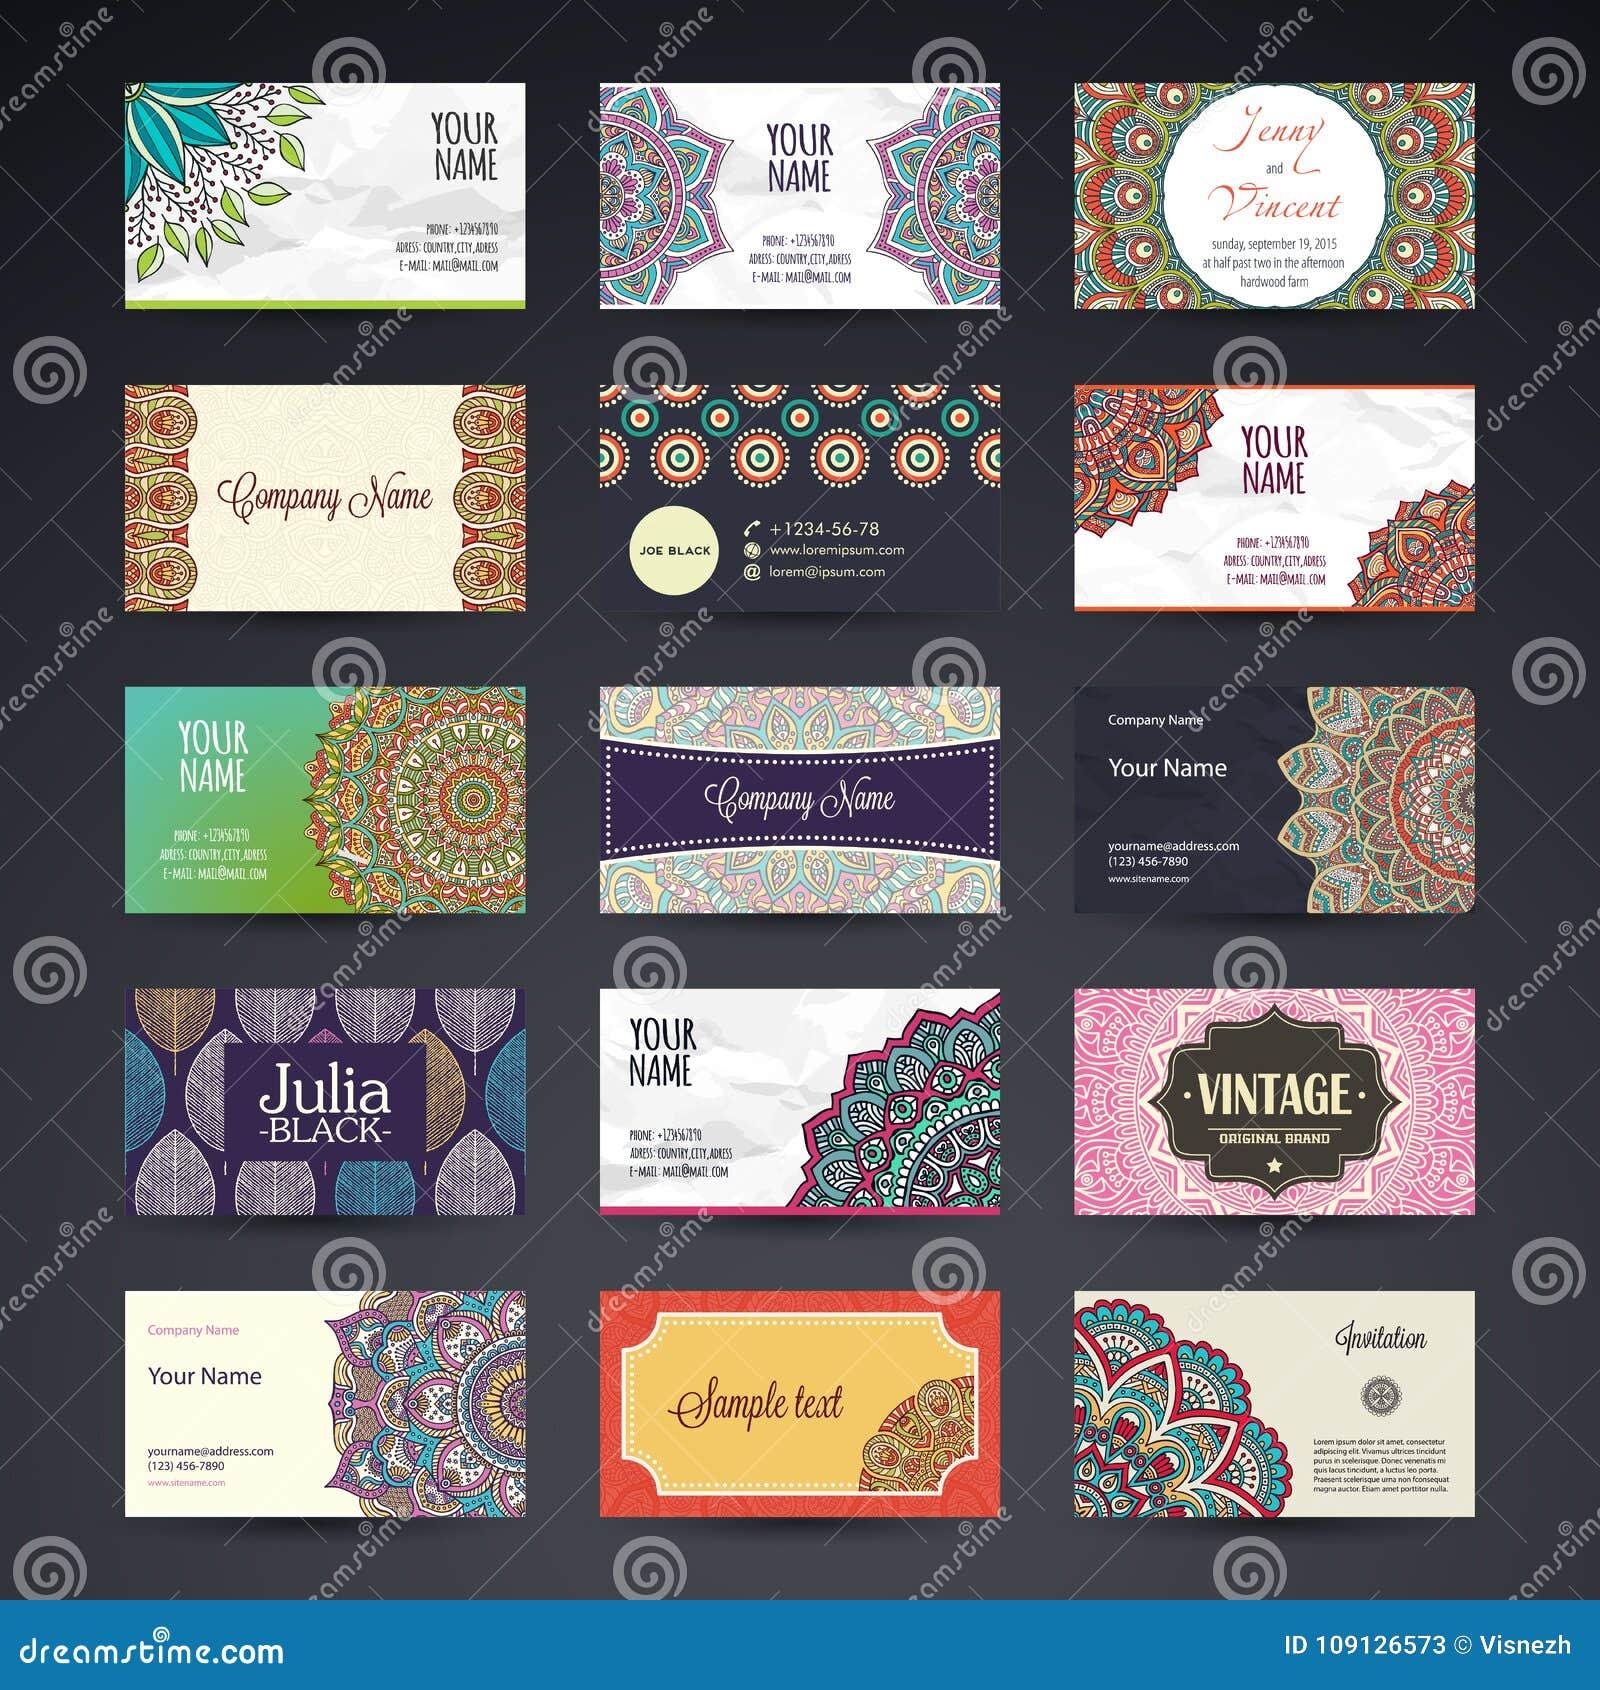 Carte De Visite Professionnelle Lments Dcoratifs Cru Cartes Florales Ornementales Modle Oriental